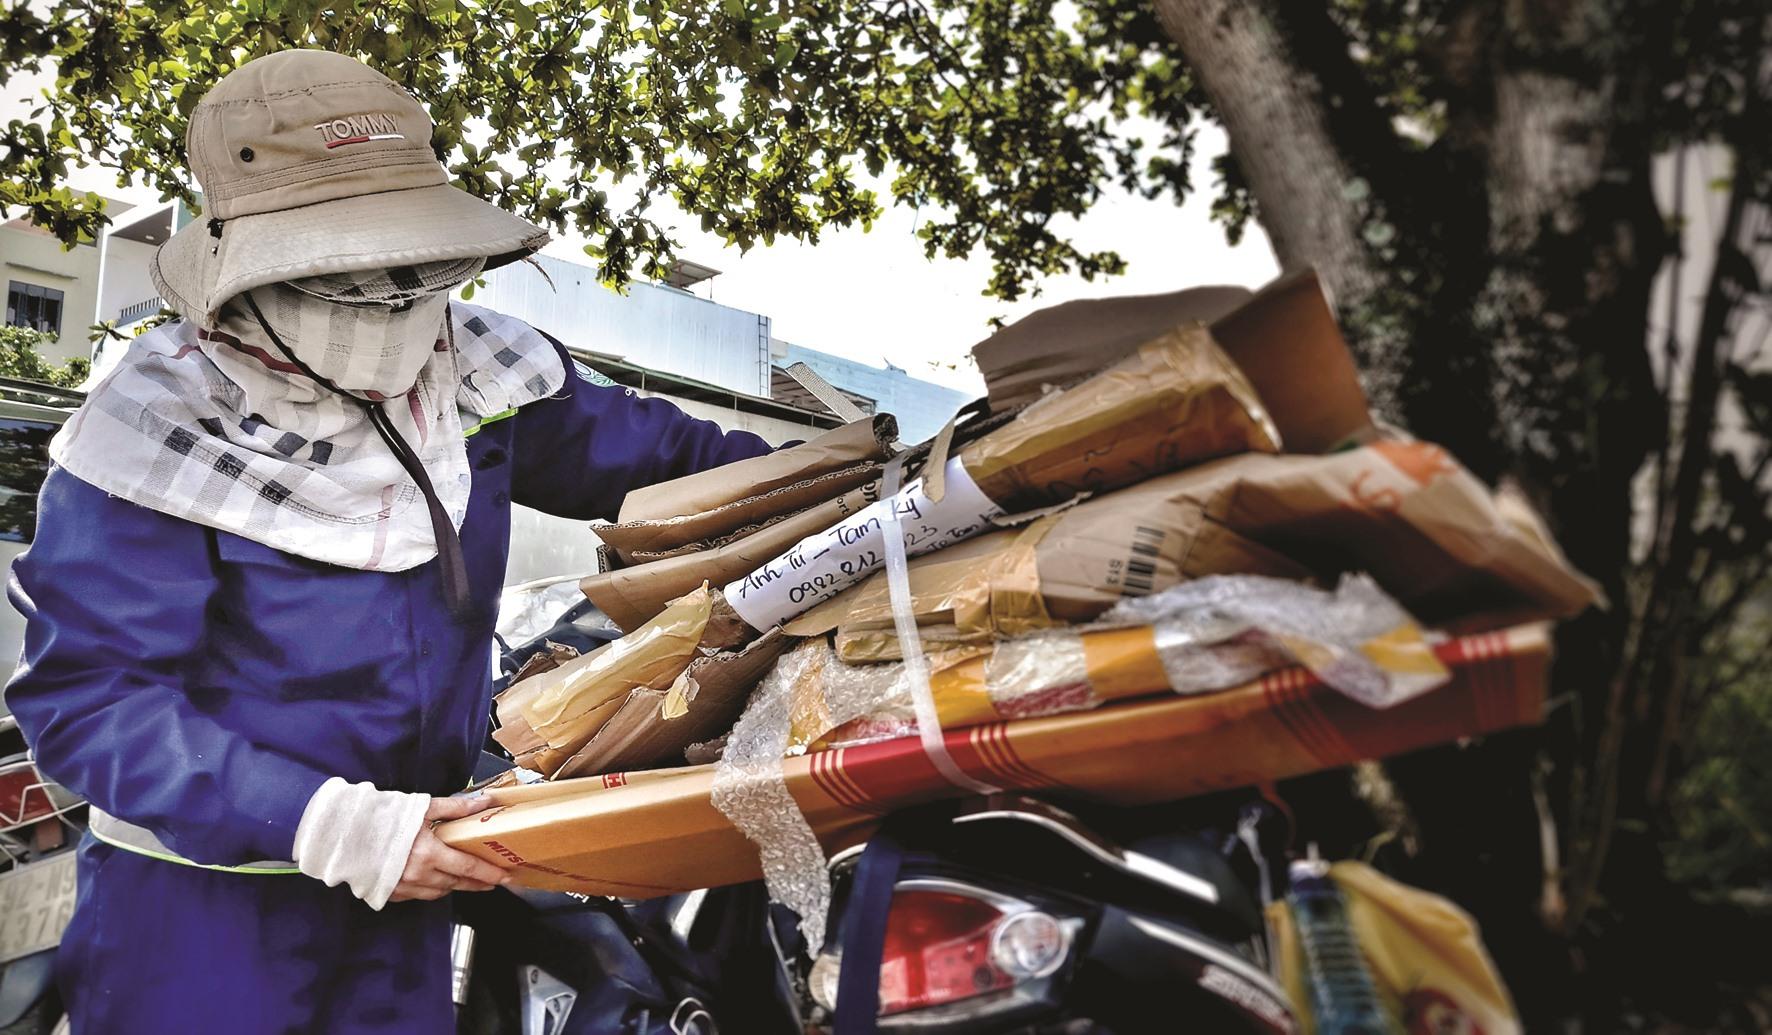 Kết thúc sau mỗi ngày làm việc, niềm vui nho nhỏ của các lao công là những tấm giấy được gom về bán phế liệu.